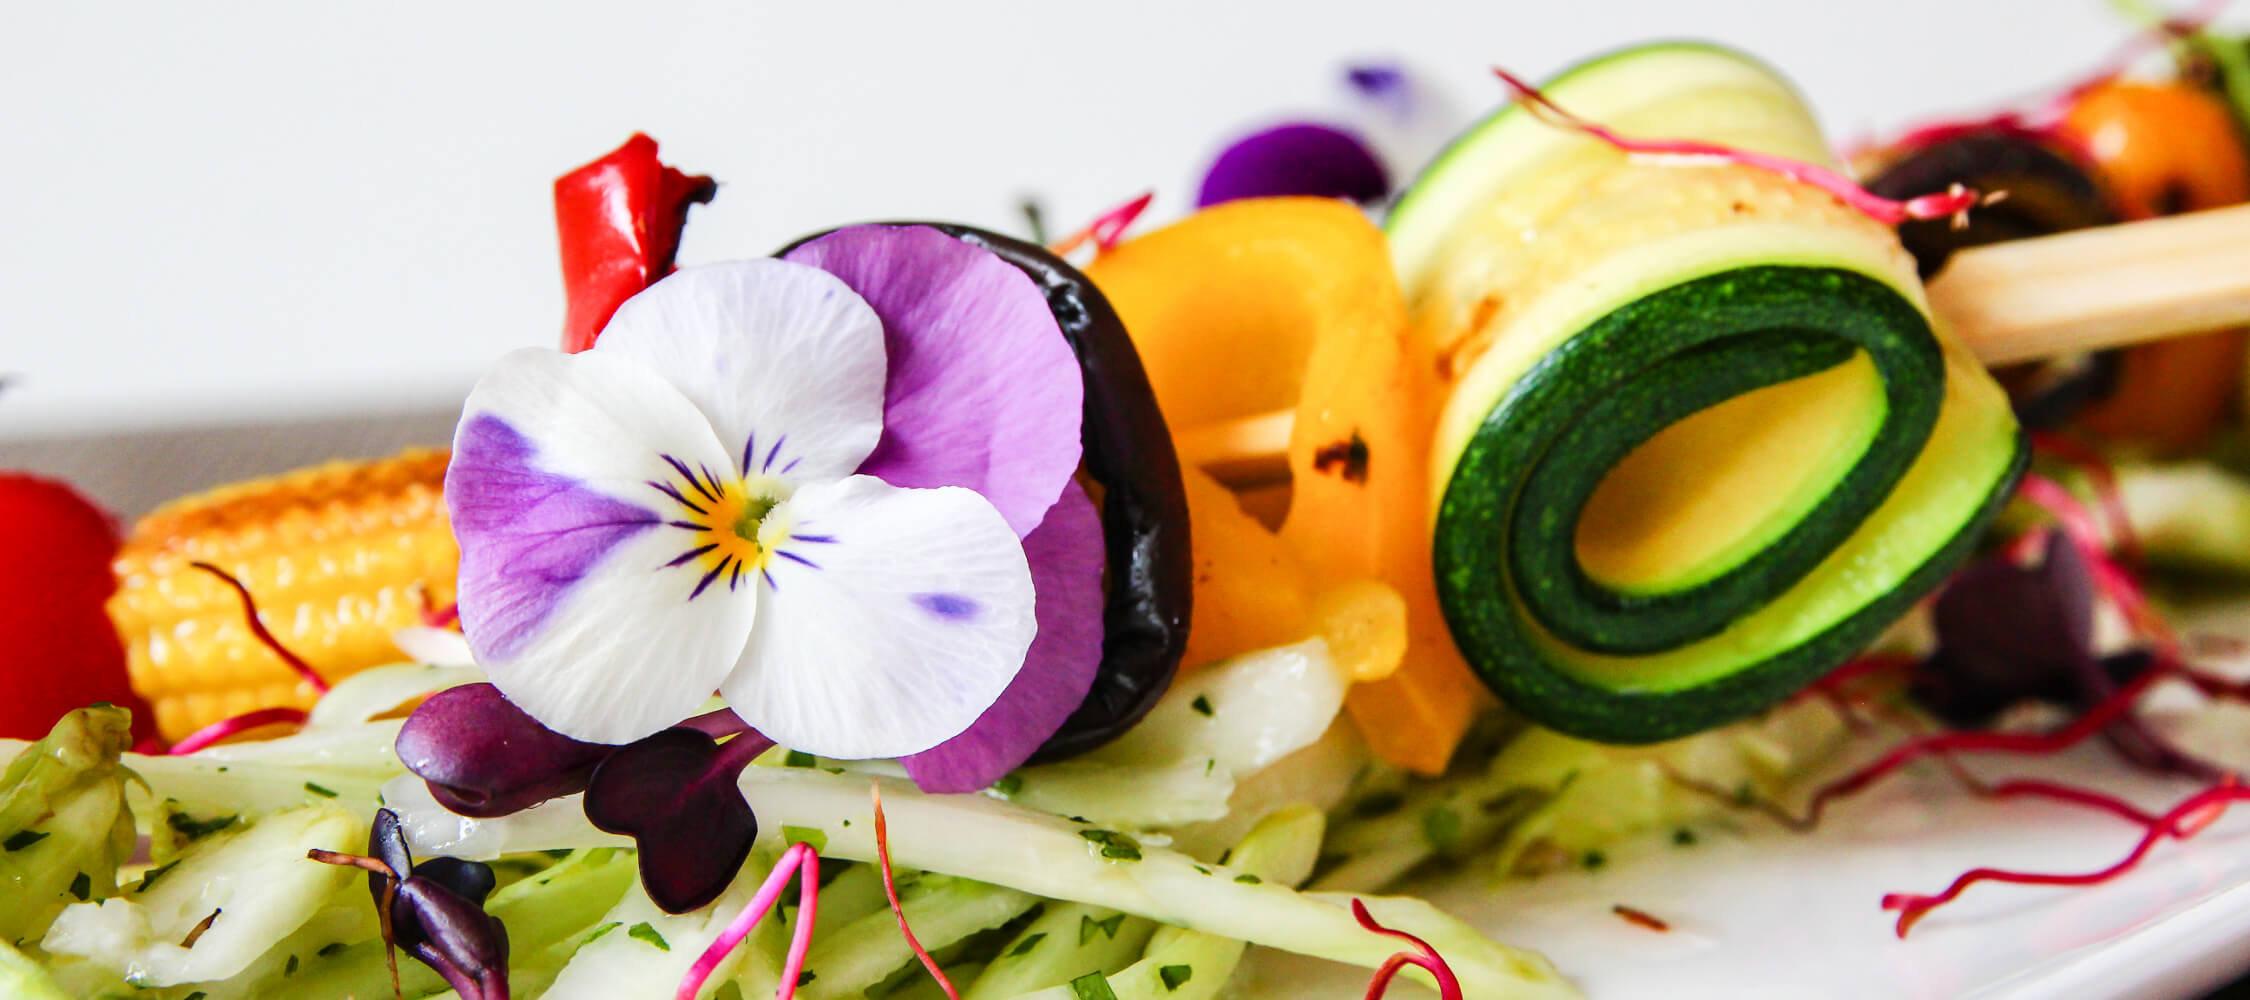 Restaurant_Tapas_Bar_The_Gallery_City_Hotel_Merano_Essen_Vegetarisch_Salat_Gemuese_Tapas_Antipasto_Vorspeise_Hauptspeise_Dinner_Abend_Menu_Anguane_4931_2250x1000